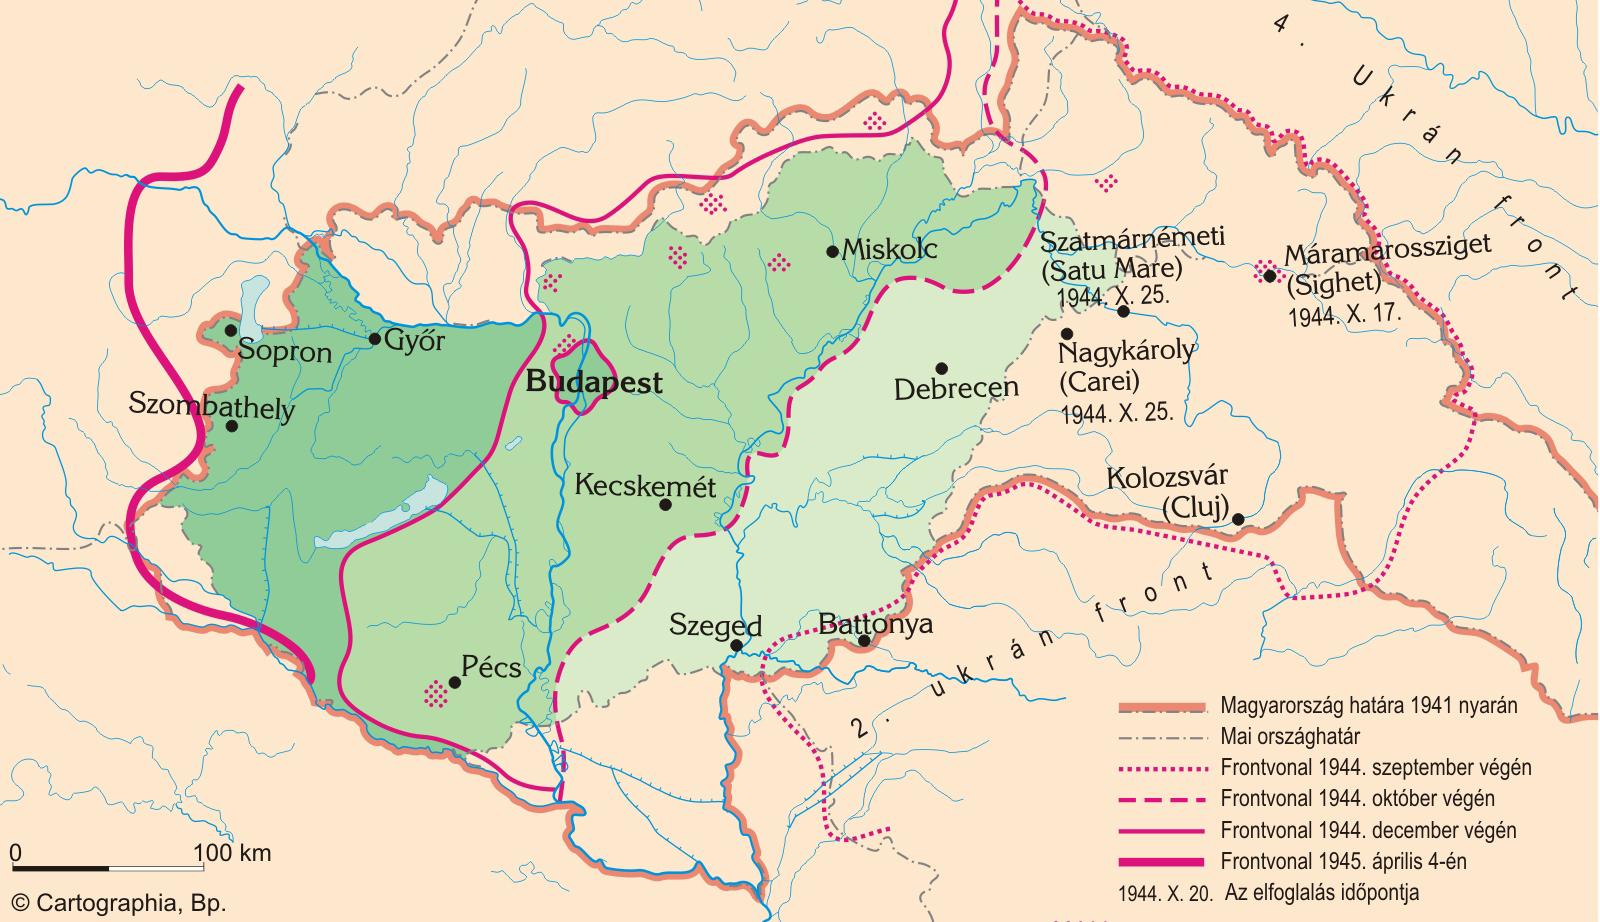 magyarország térkép 1944 Magyar történelmi térképtár | SuliTudásbázis magyarország térkép 1944